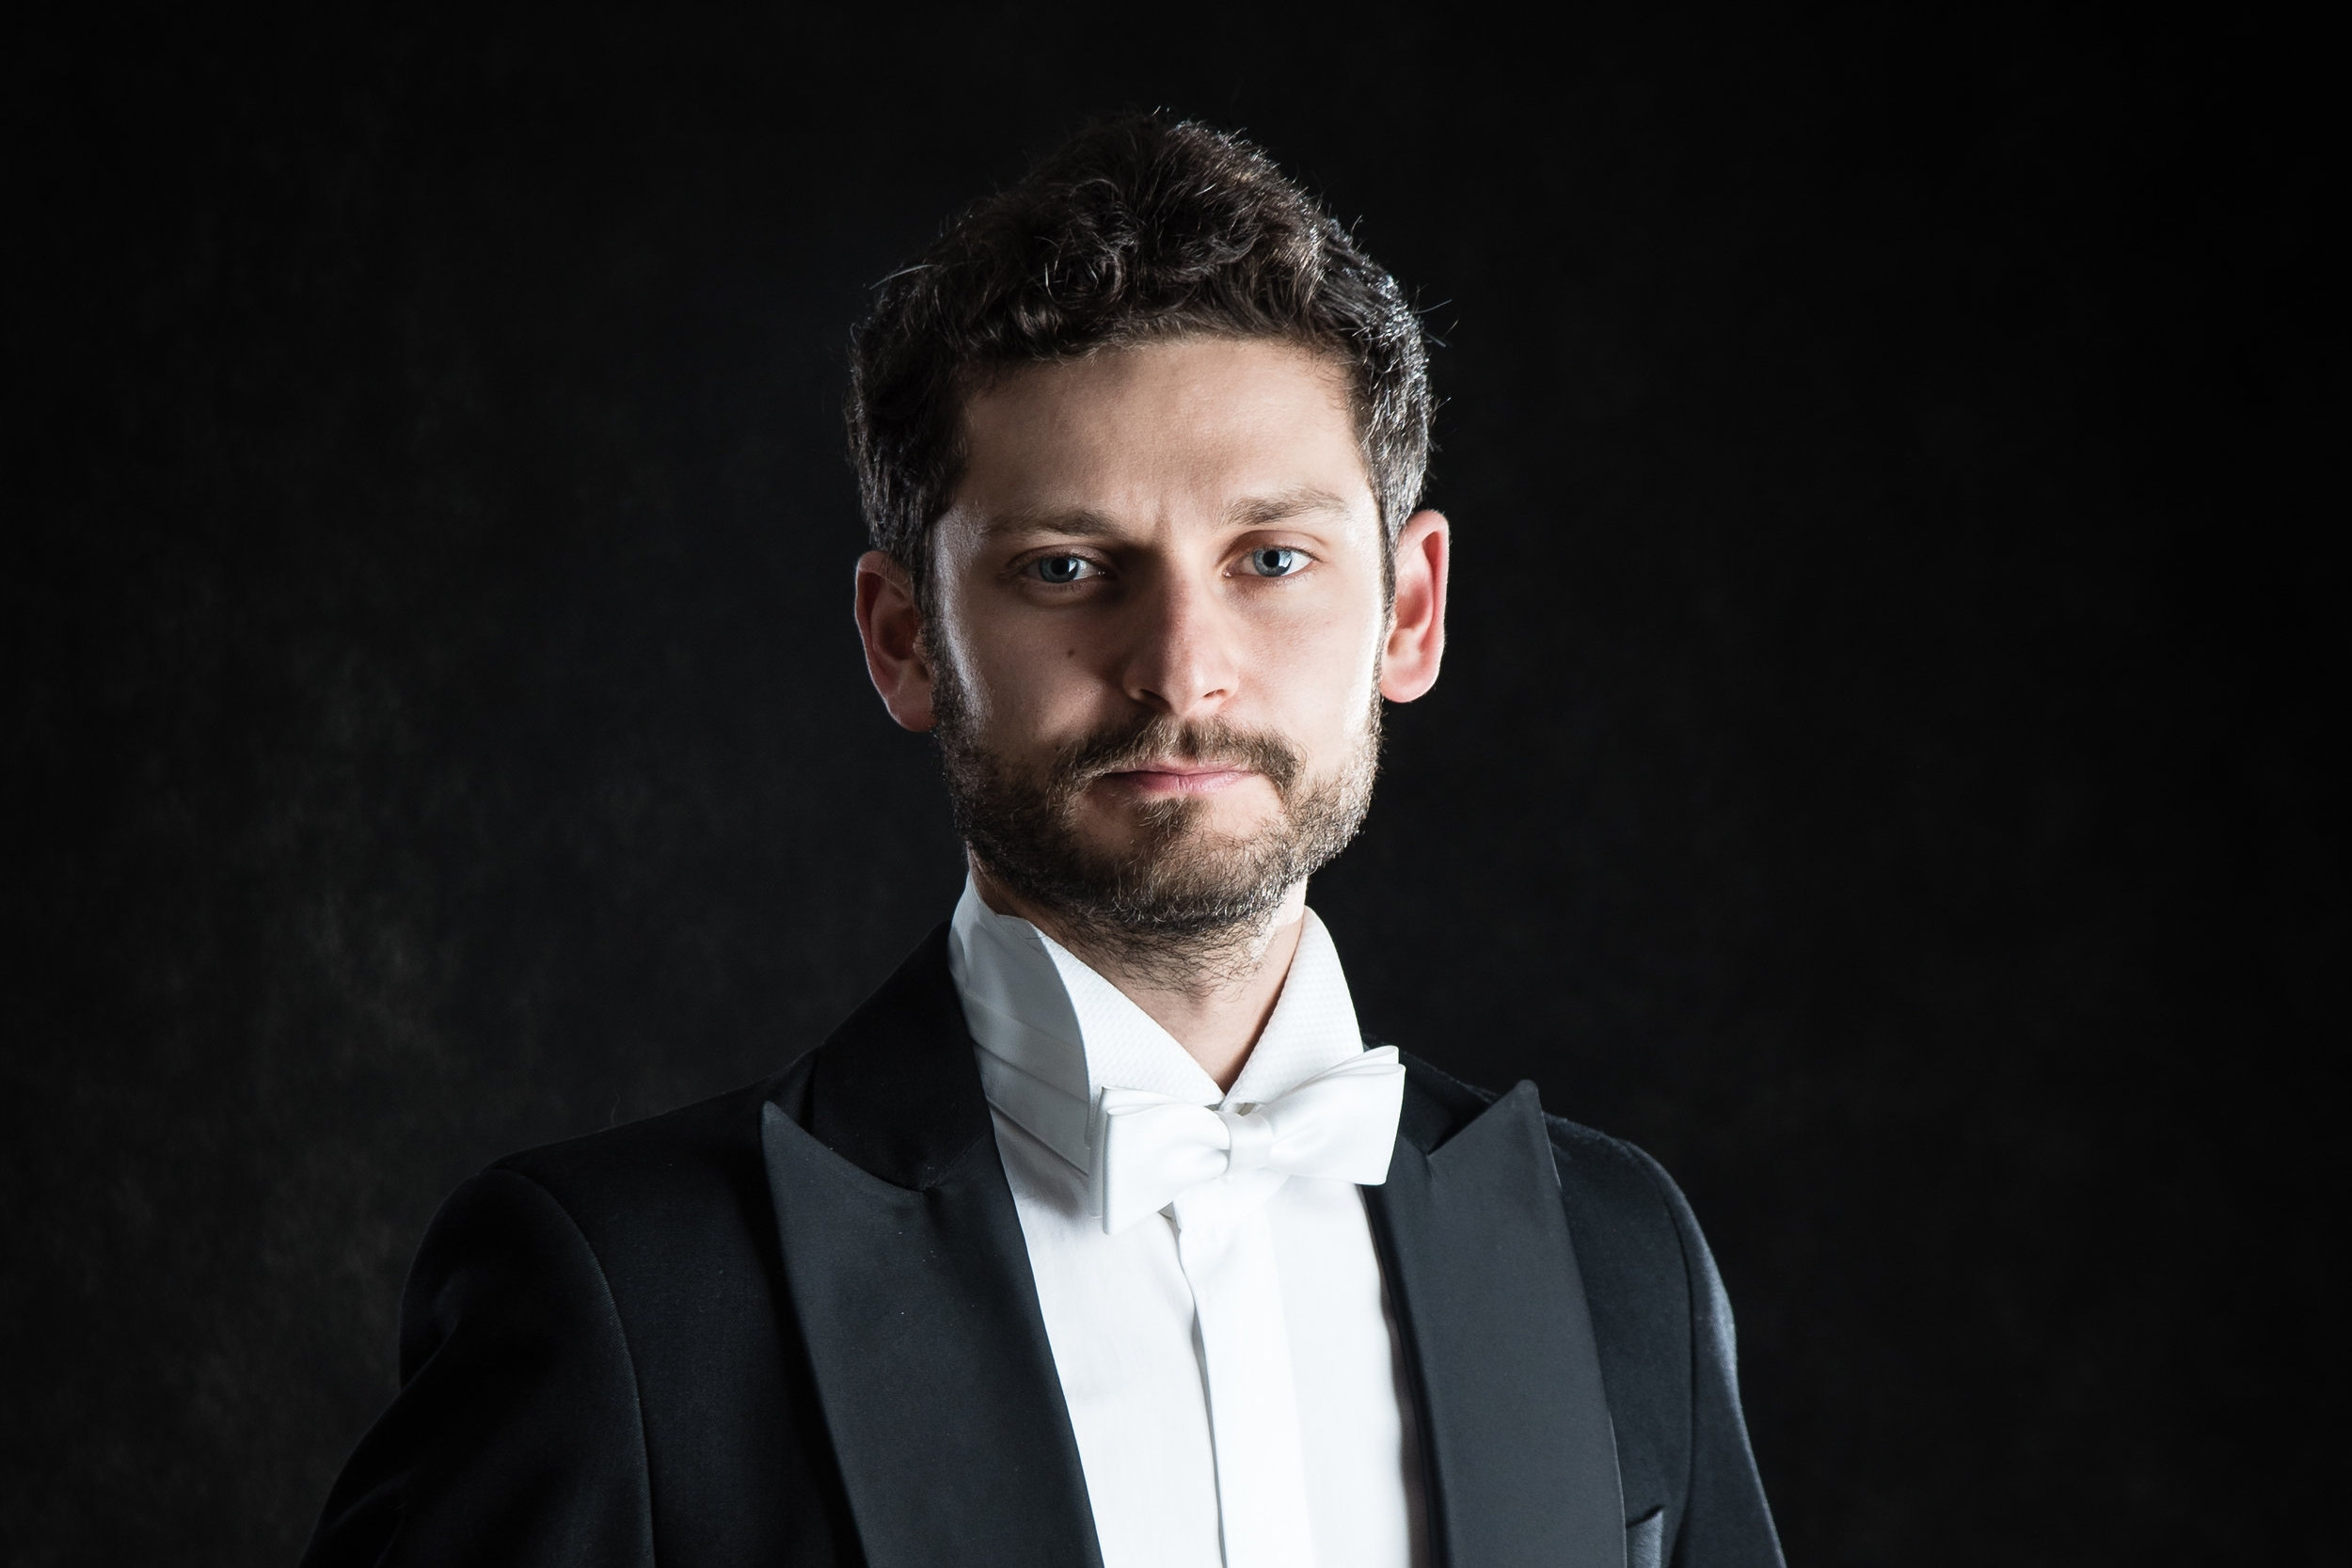 Grzegorz Brajner - Conductor